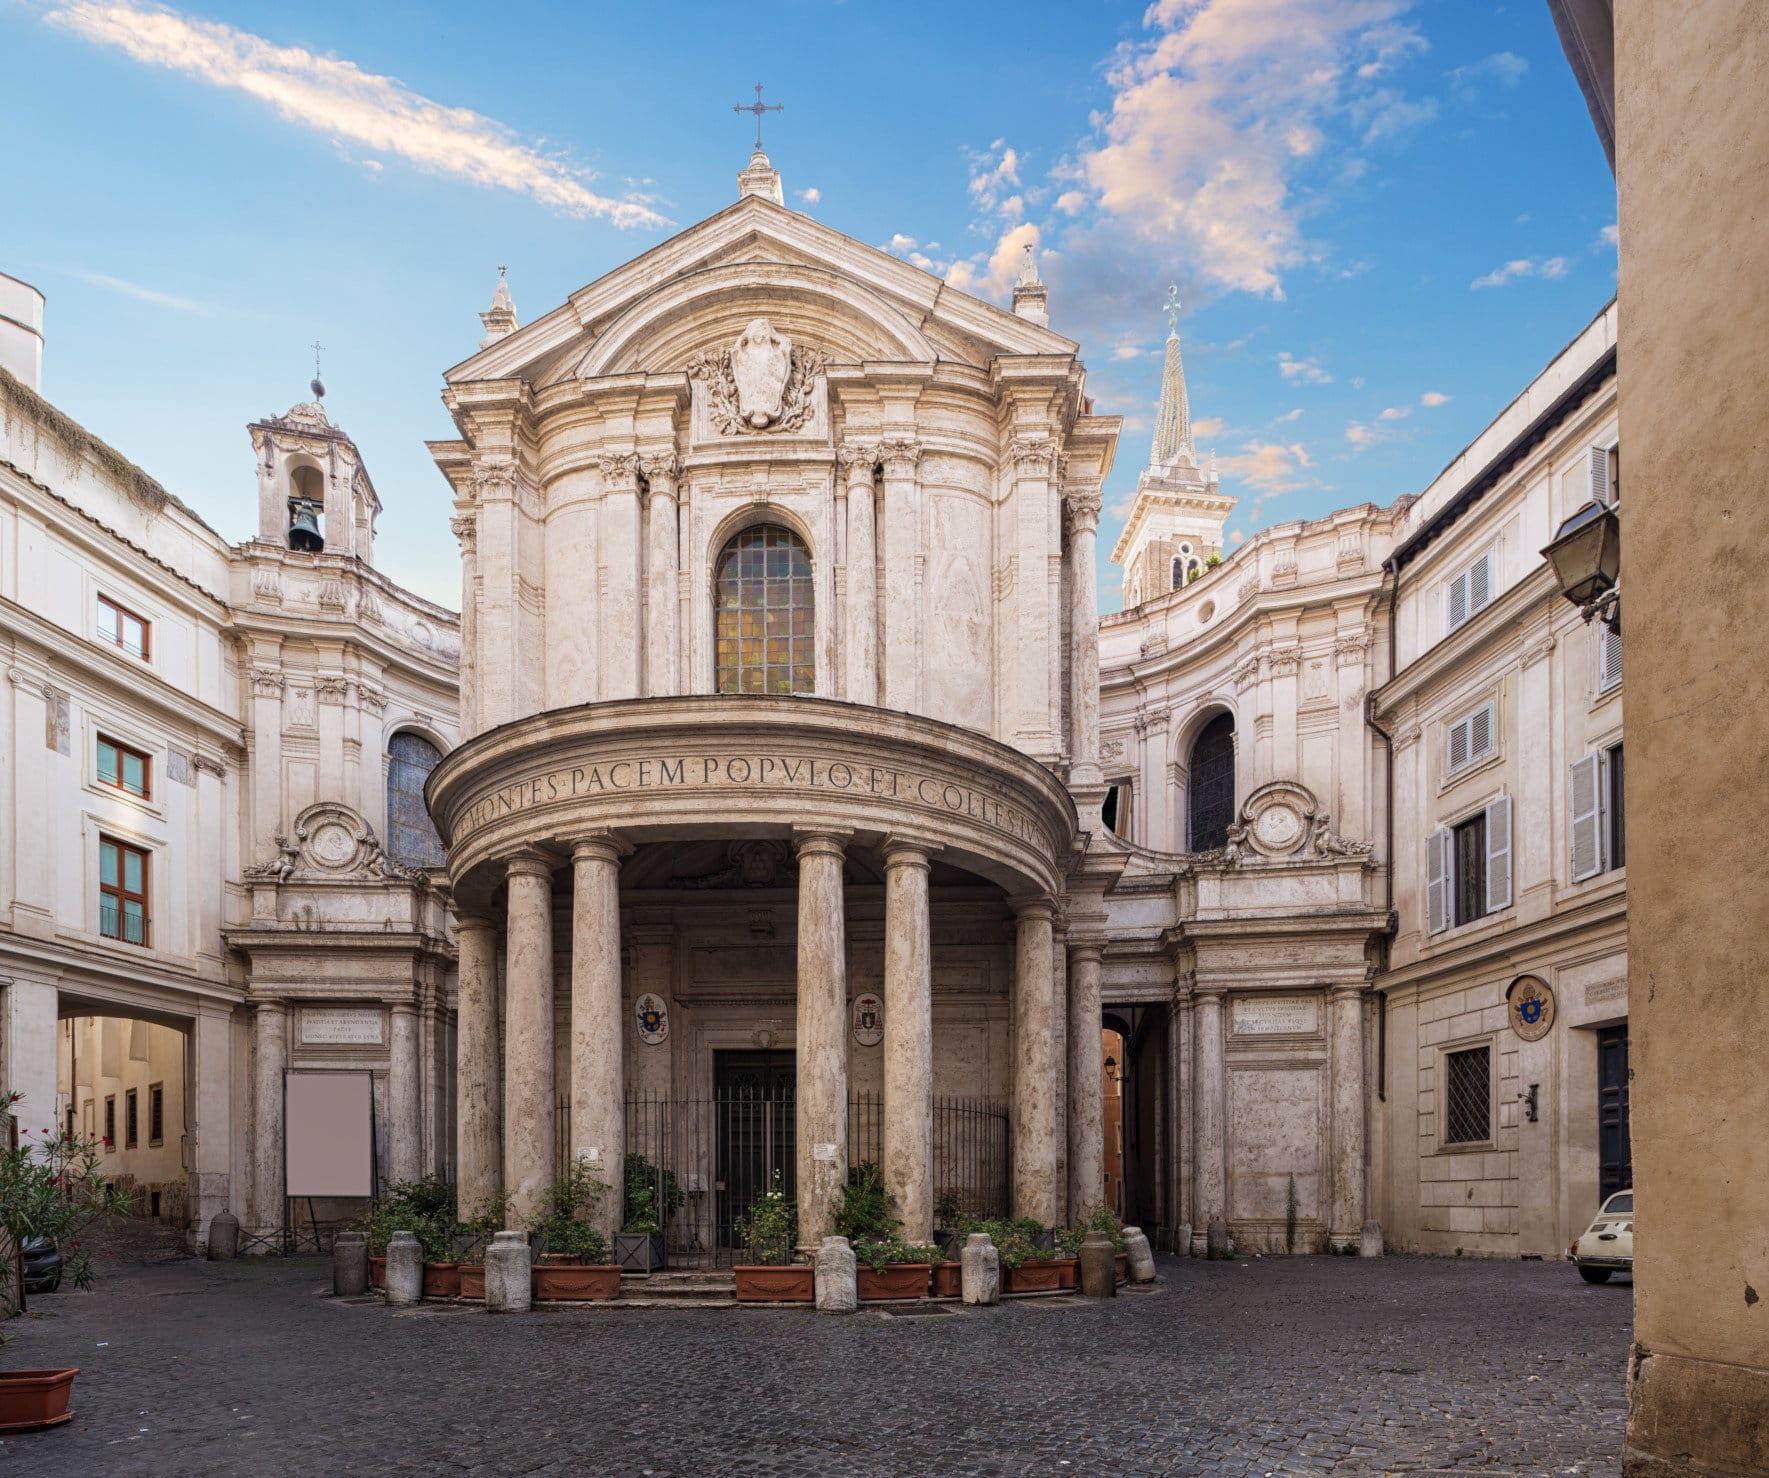 Santa Maria Della Pace Colosseum Rome Tickets